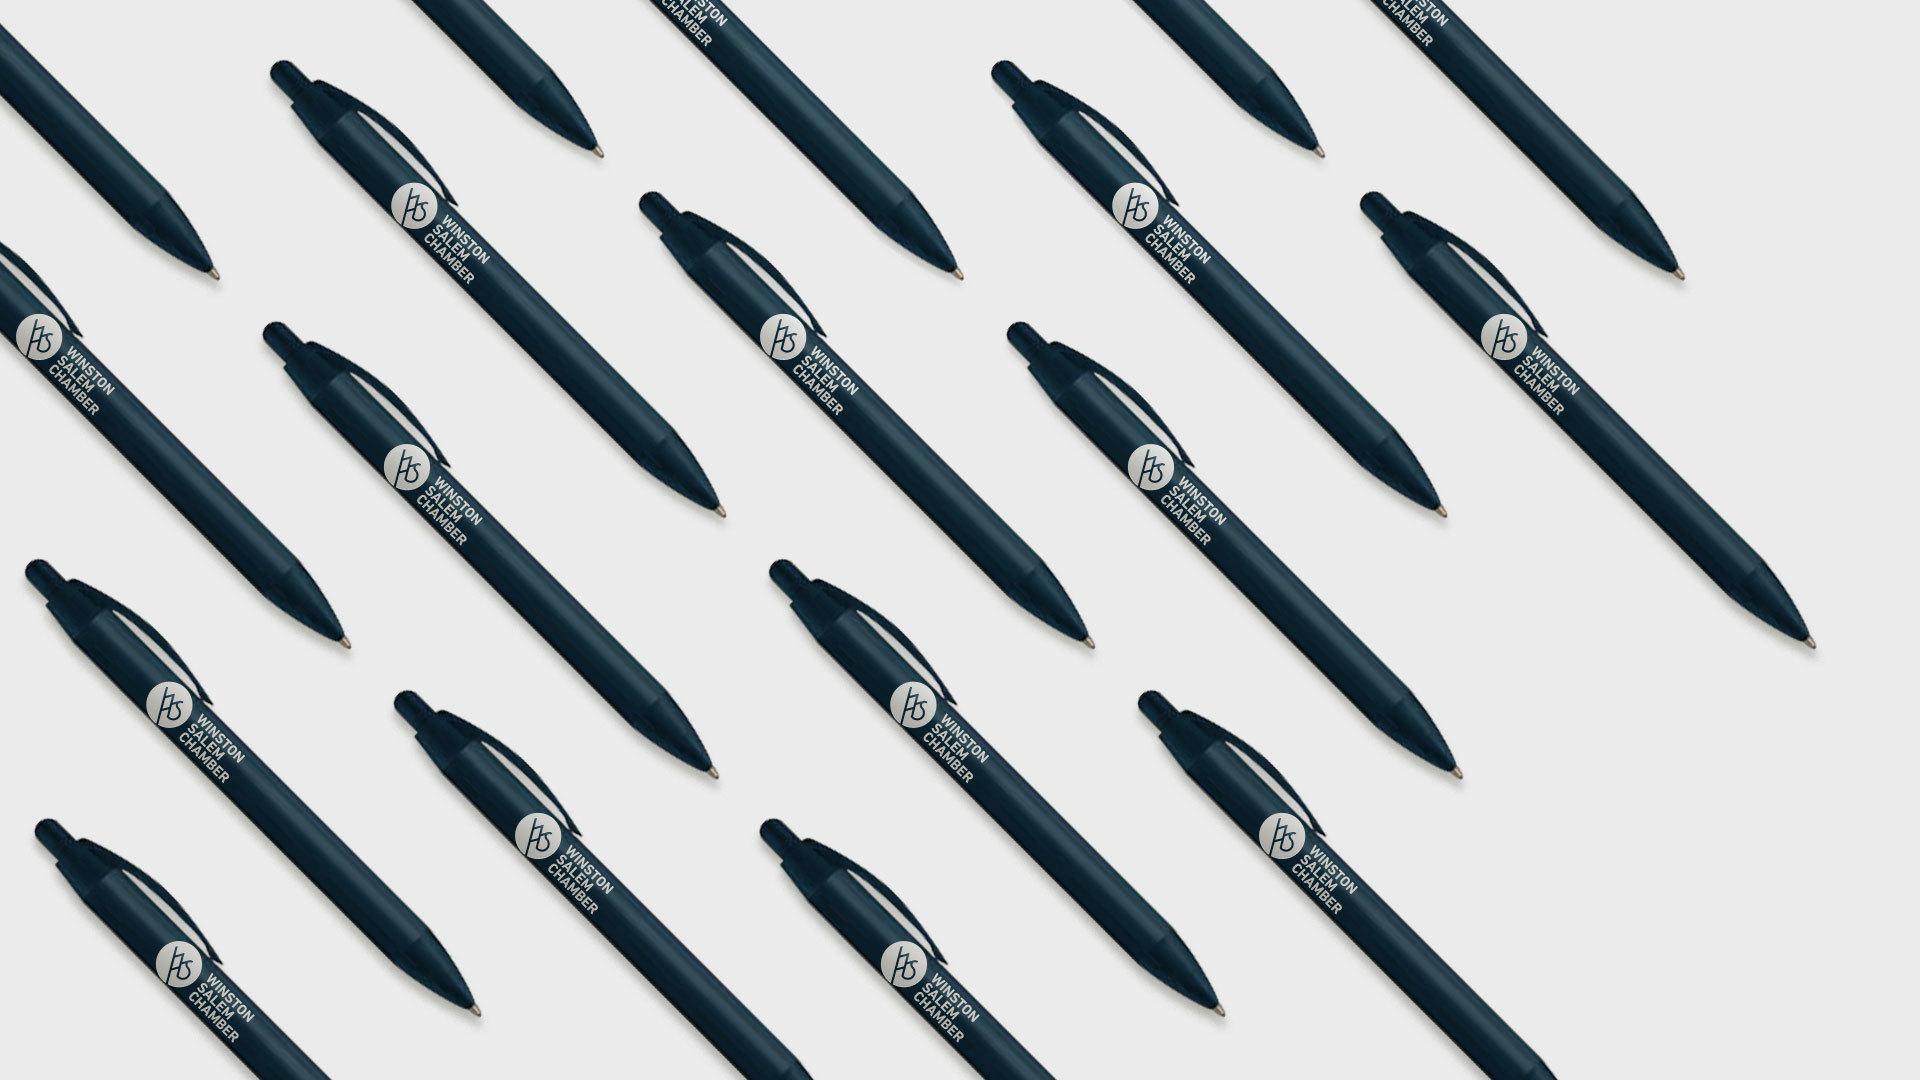 Wscc Pens